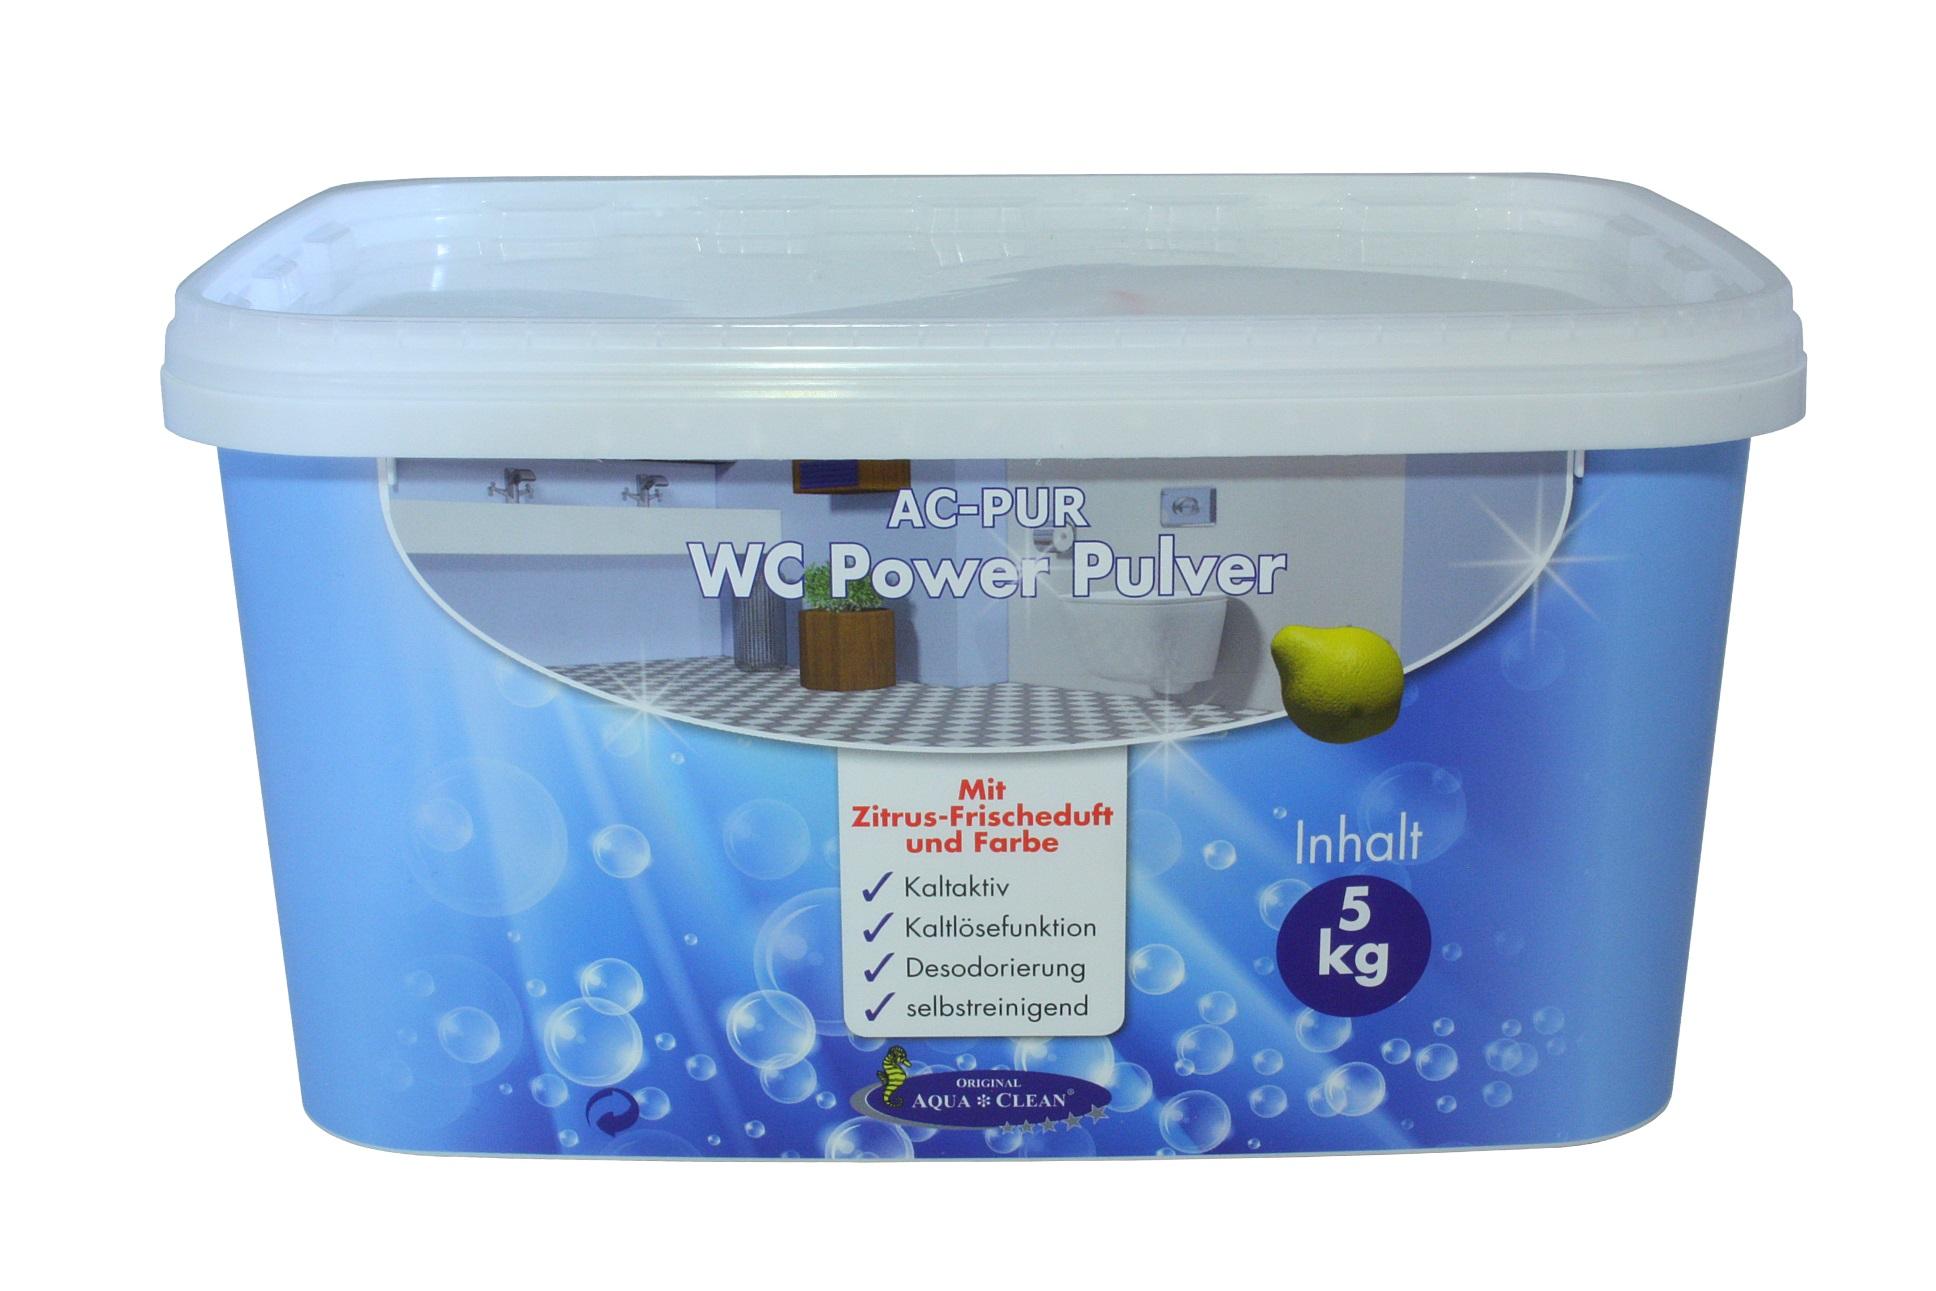 aqua clean wc power pulver 5kg neu mit zitrus frischeduft und farbe aqua clean direkt vom. Black Bedroom Furniture Sets. Home Design Ideas